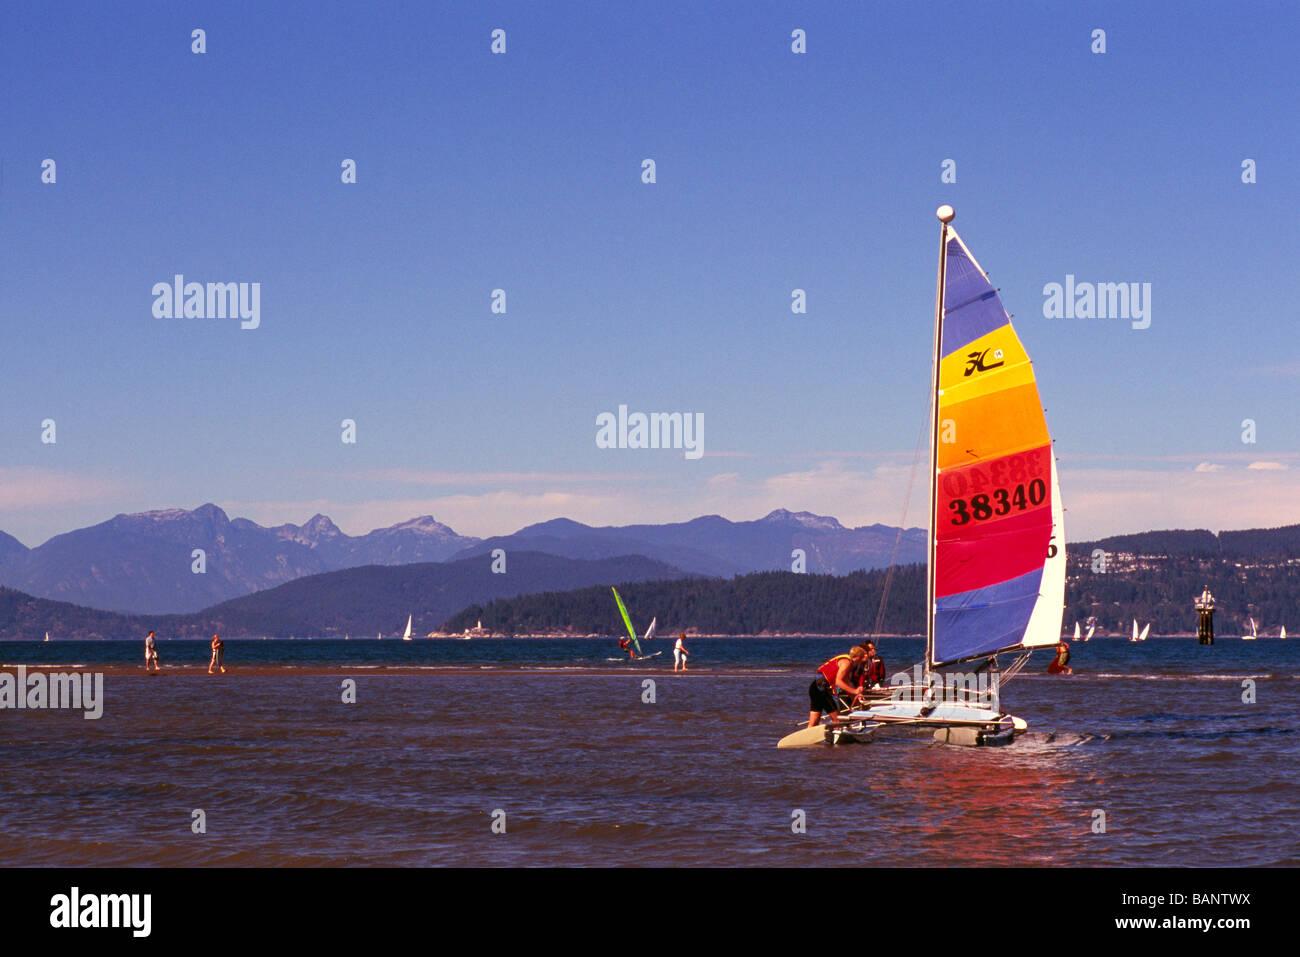 Catamaran Sailboat Sailing In English Bay At Jericho Beach Vancouver And The